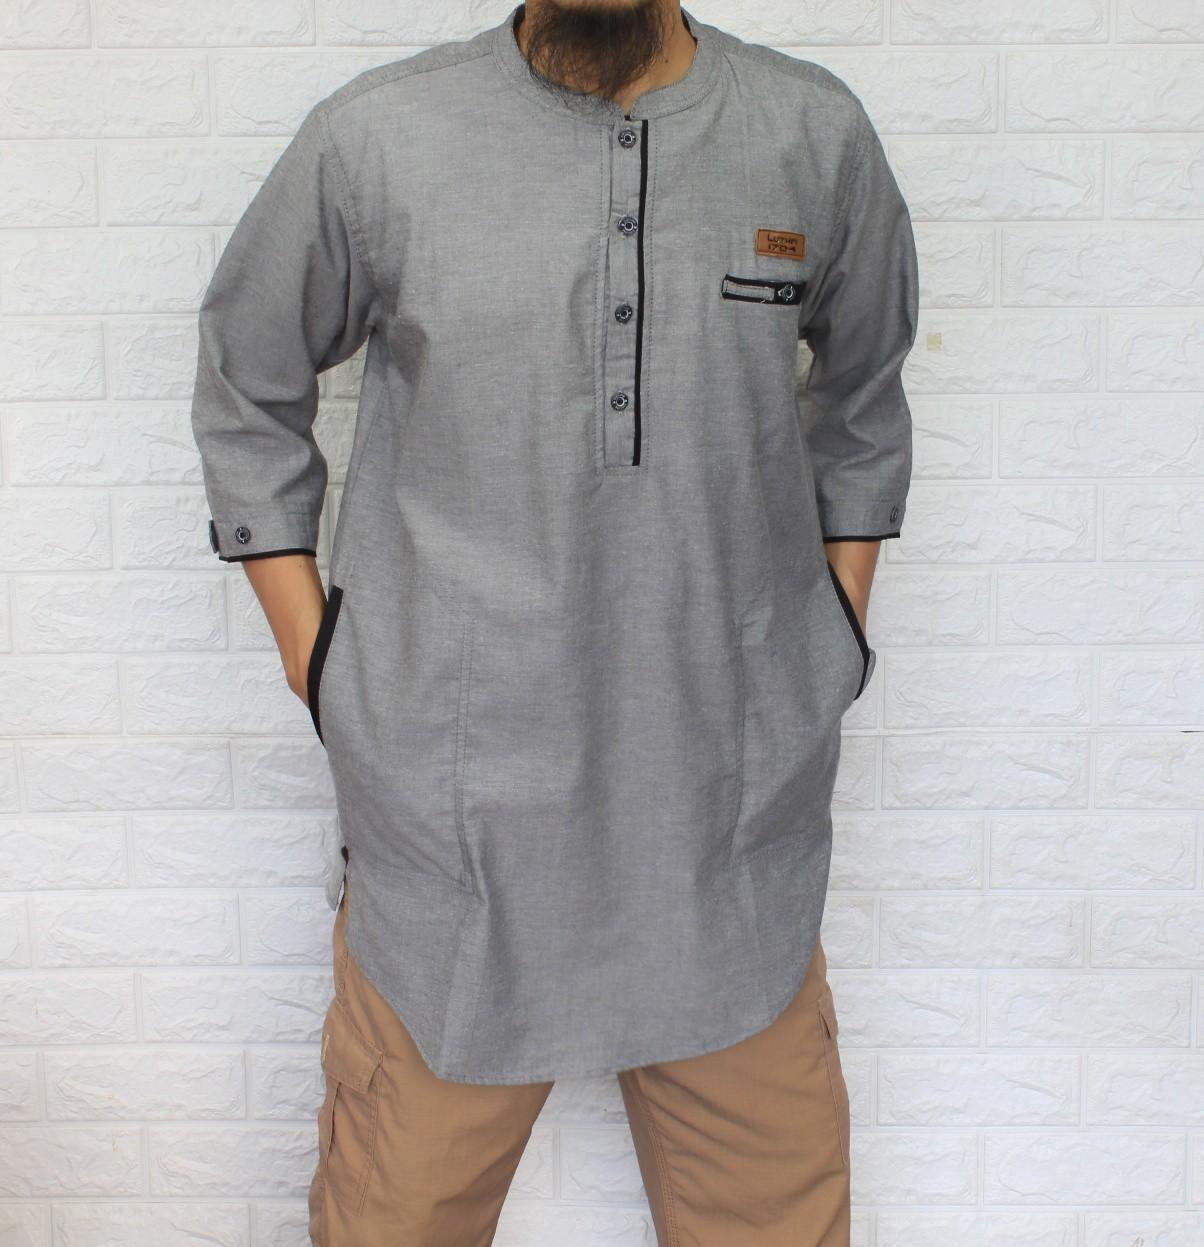 Baju Koko Qurta Pakistan Pria Terbaru Design Dan Motif Mewah Bahan Tebal Berkualitas